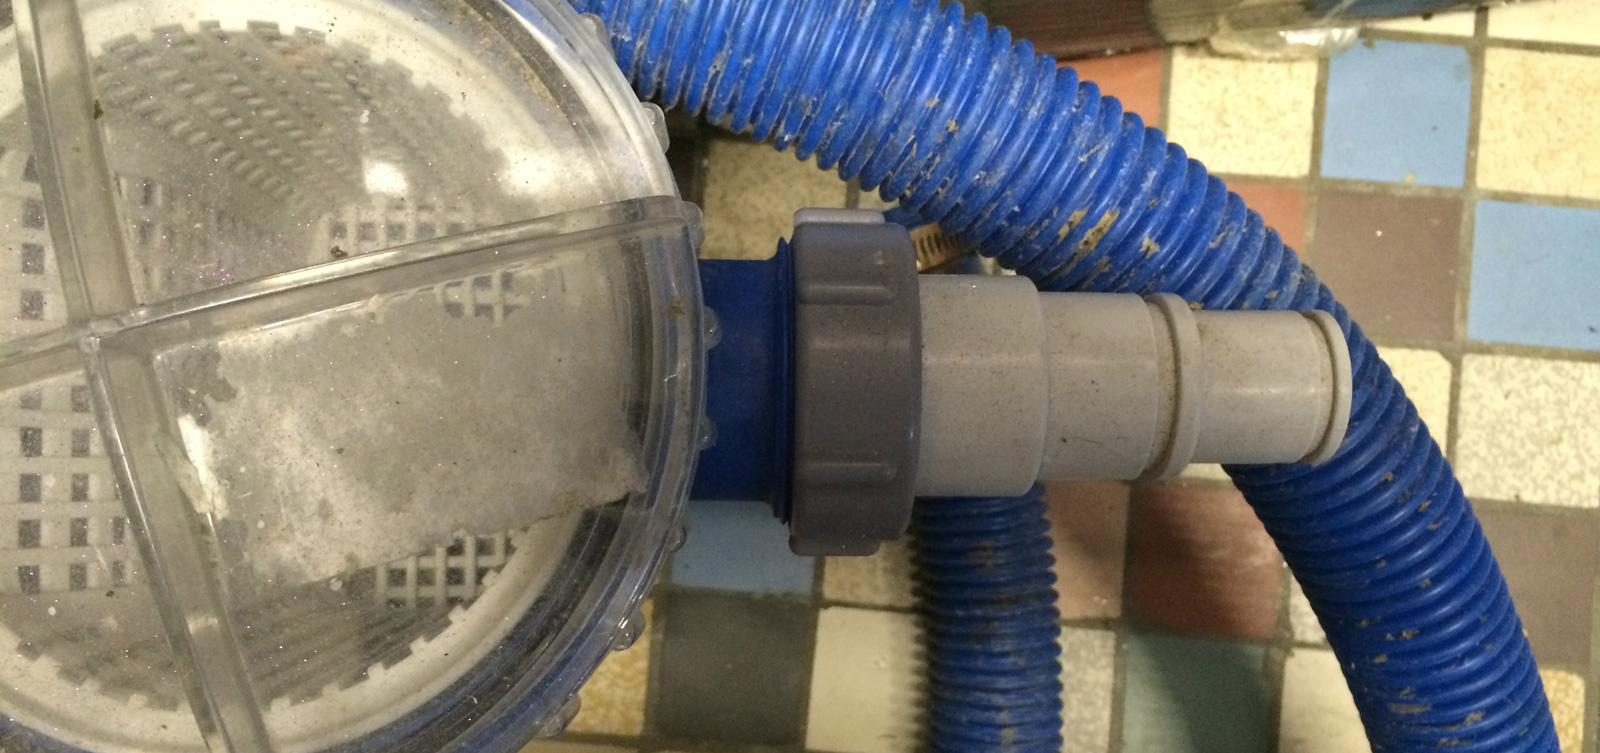 Mise en place de la filtration construction d 39 une petite for Colmater fuite tuyau piscine